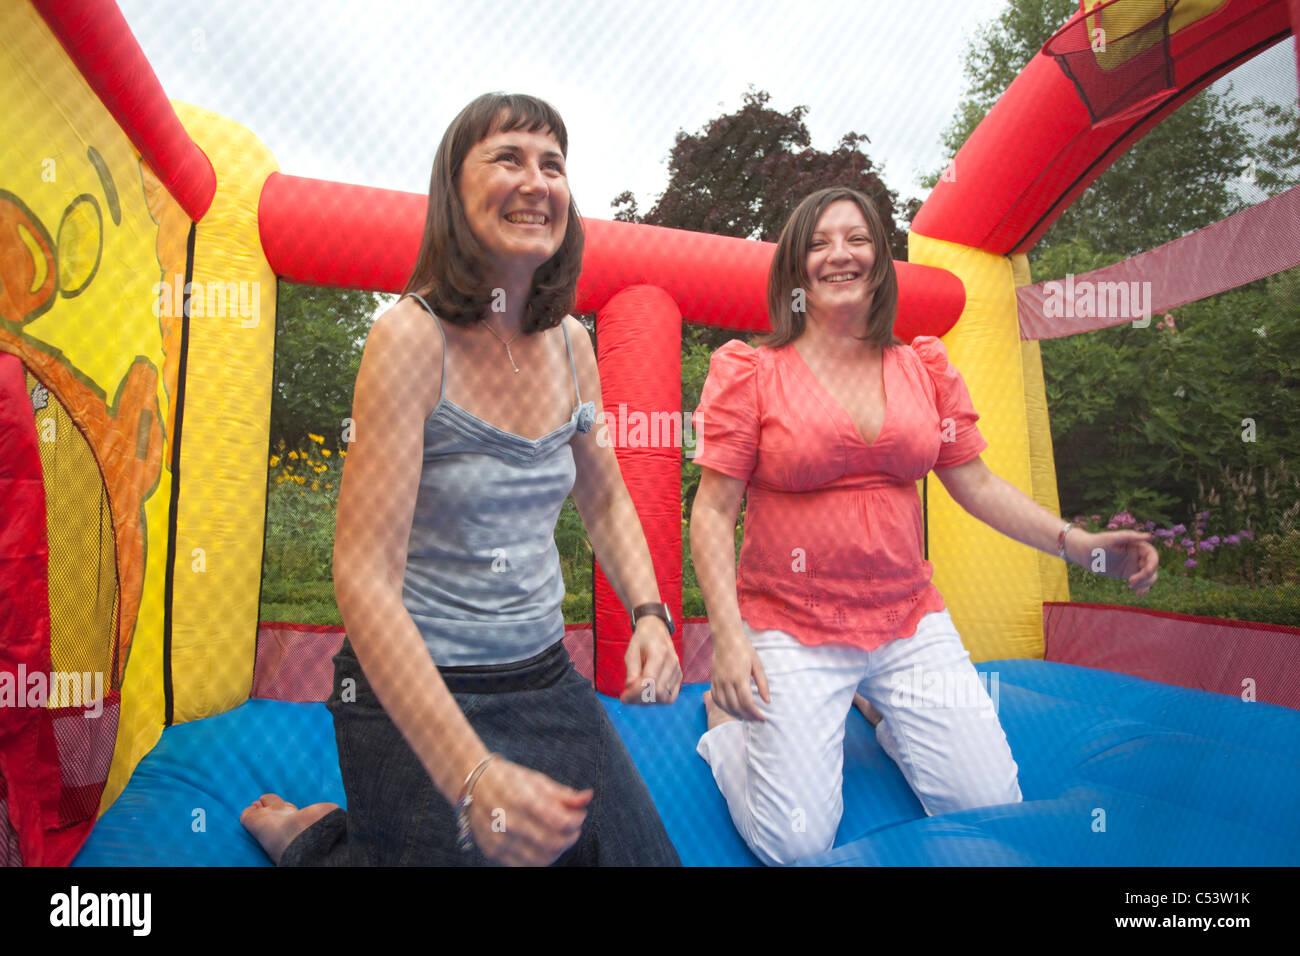 zwei adulte Weibchen auf der Hüpfburg spielen Stockbild